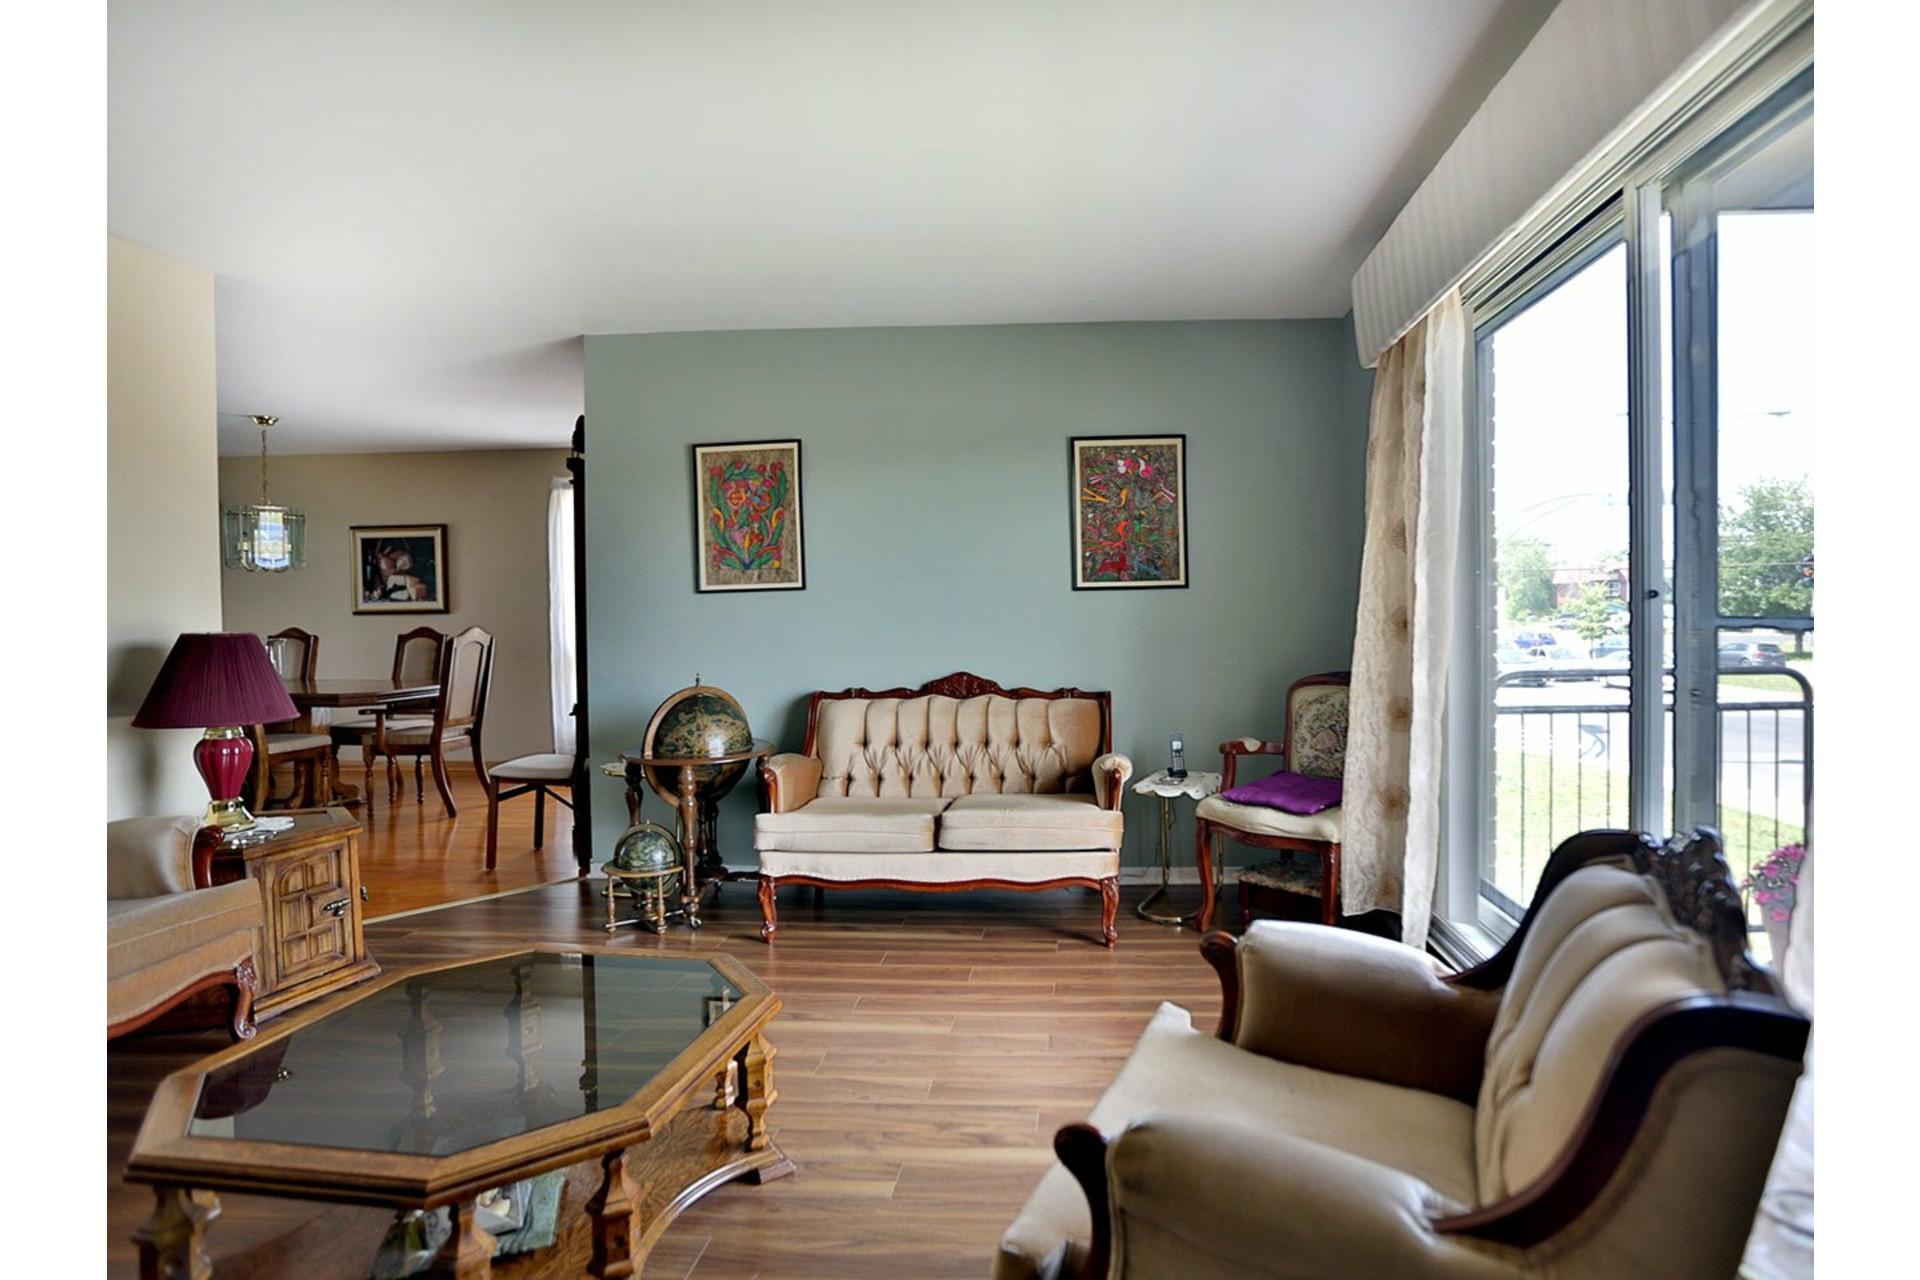 image 2 - Appartement À louer Brossard - 6 pièces